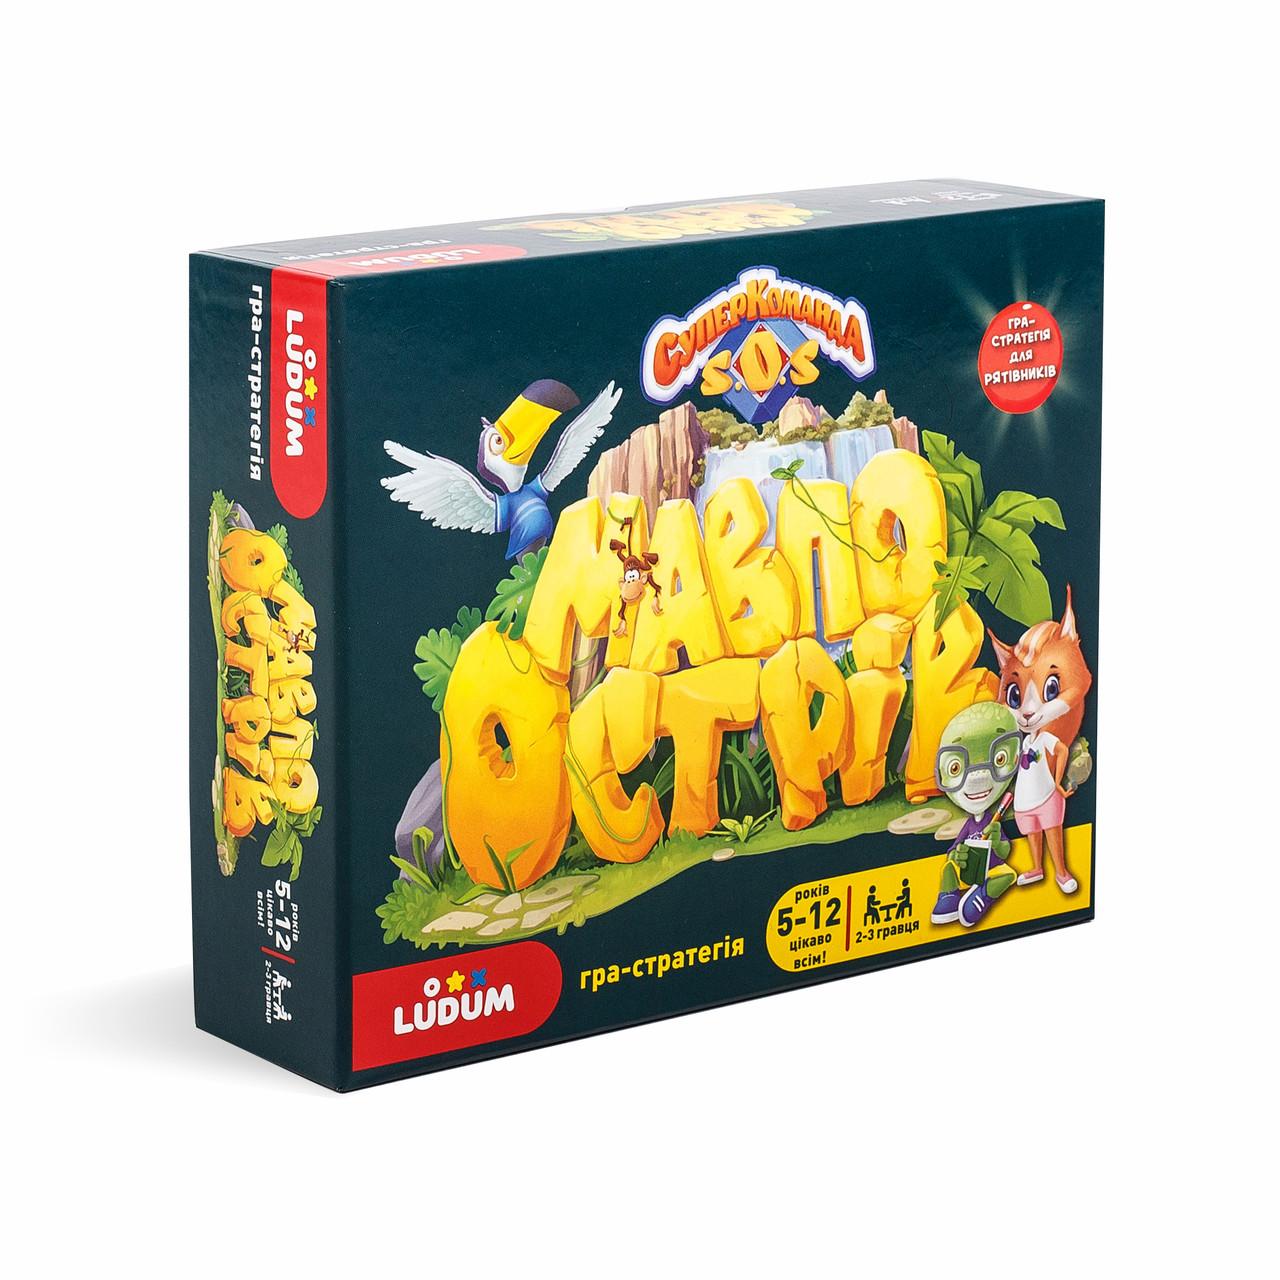 Настольная игра стратегия для спасателей - детей 5-12 лет Остров обезьян ТМ LUDUM